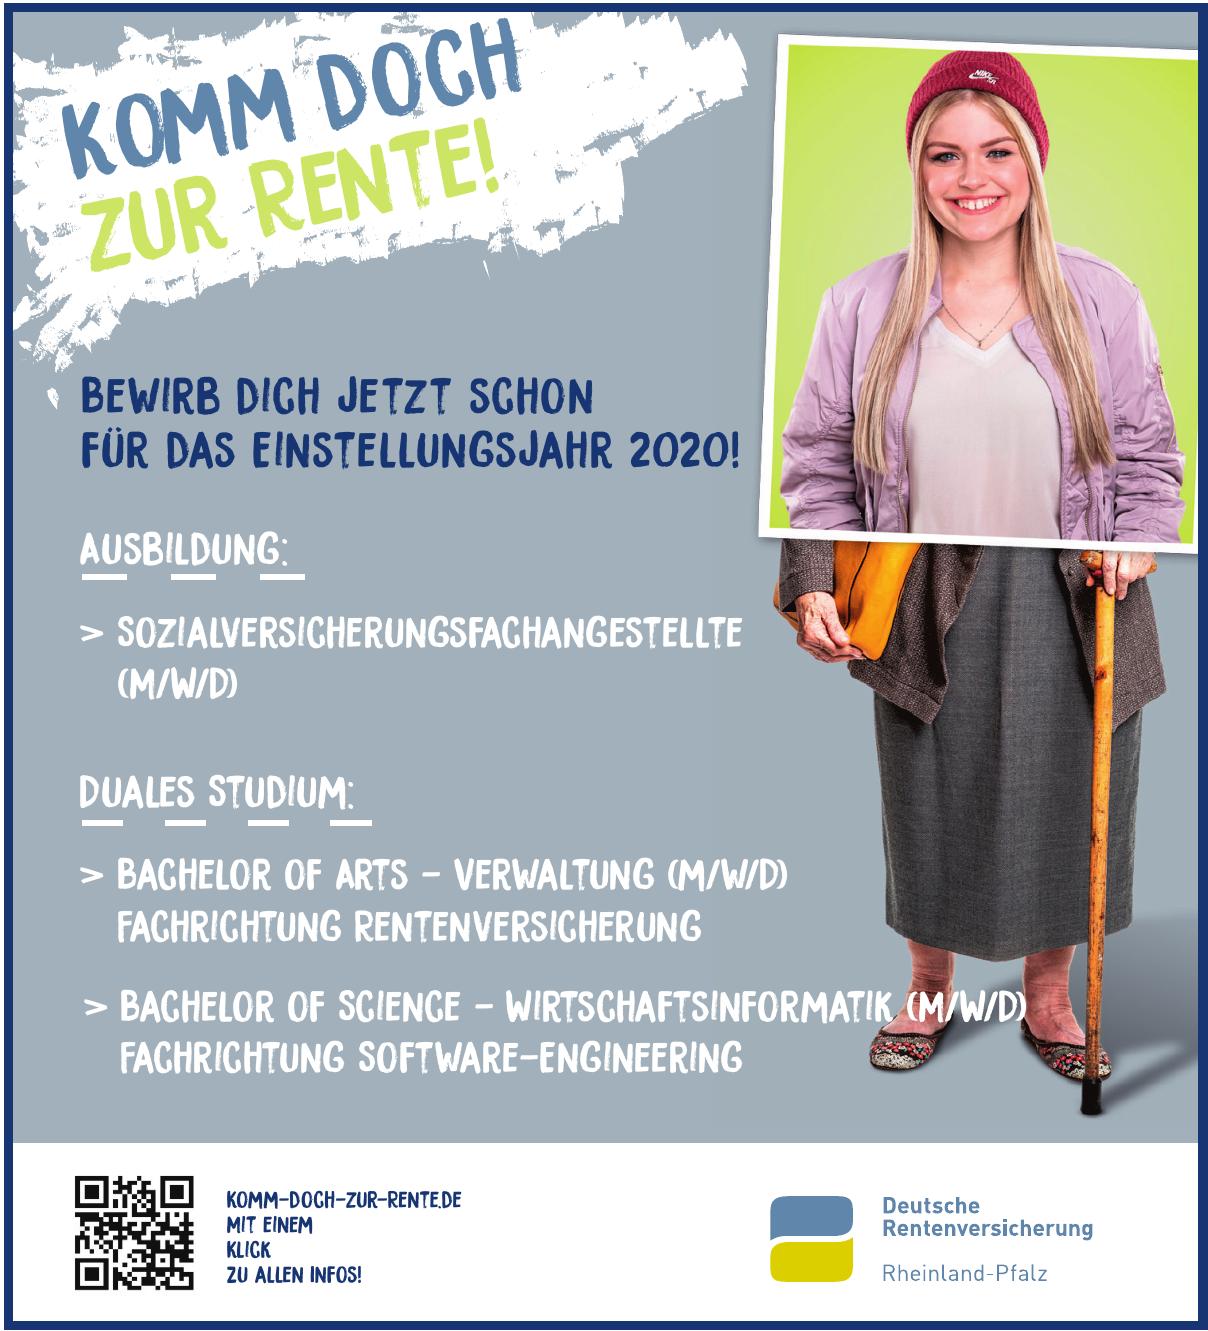 Deutschen Rentenversicherung Rheinland-Pfalz